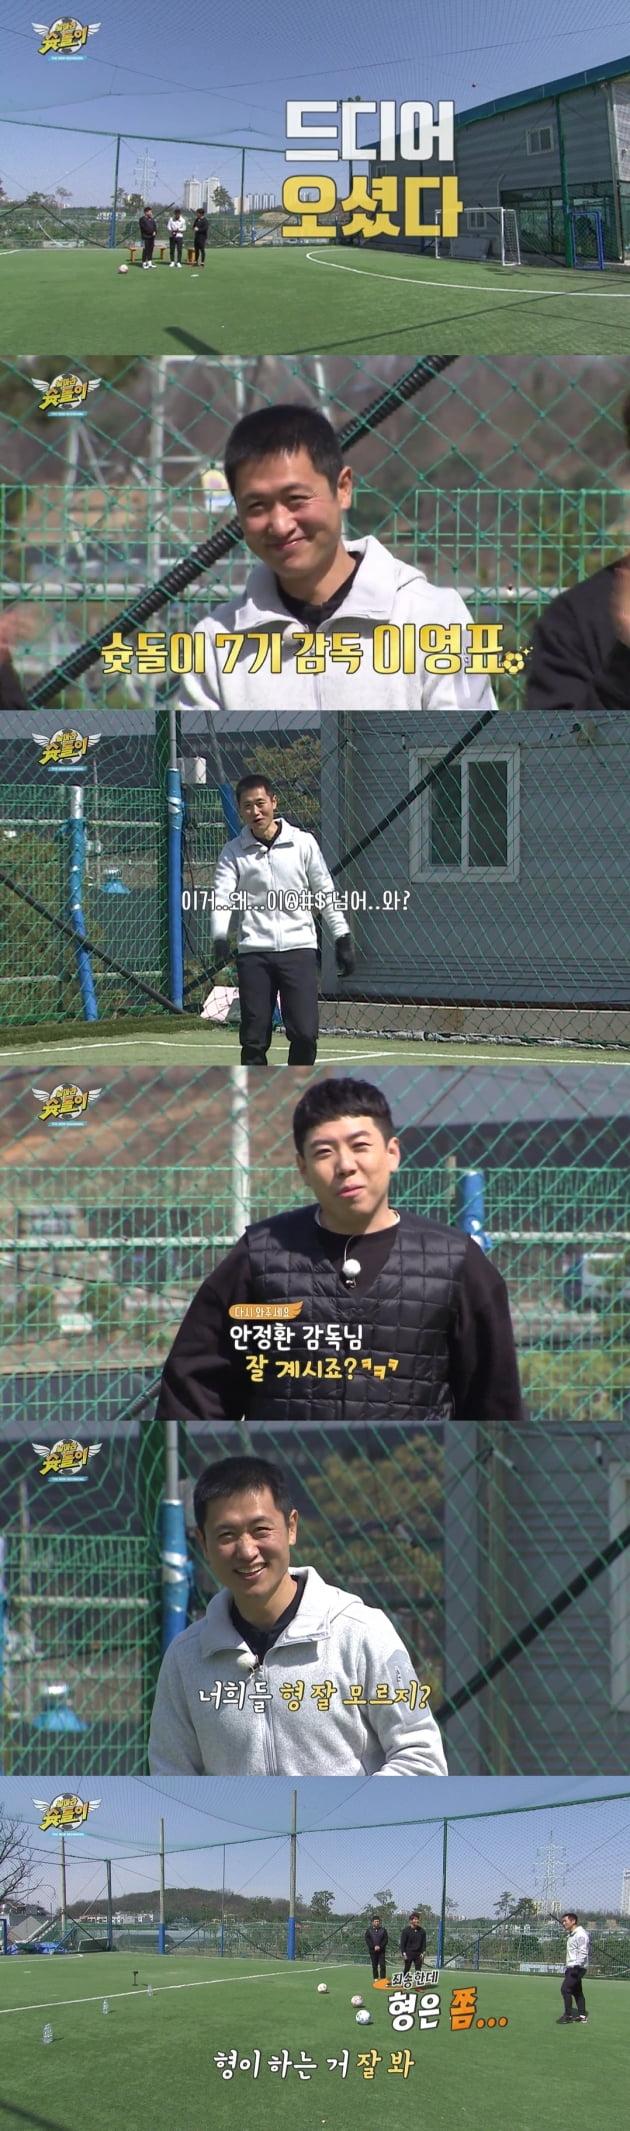 '날아라 슛돌이' 선공개 영상/ 사진제공=KBS2